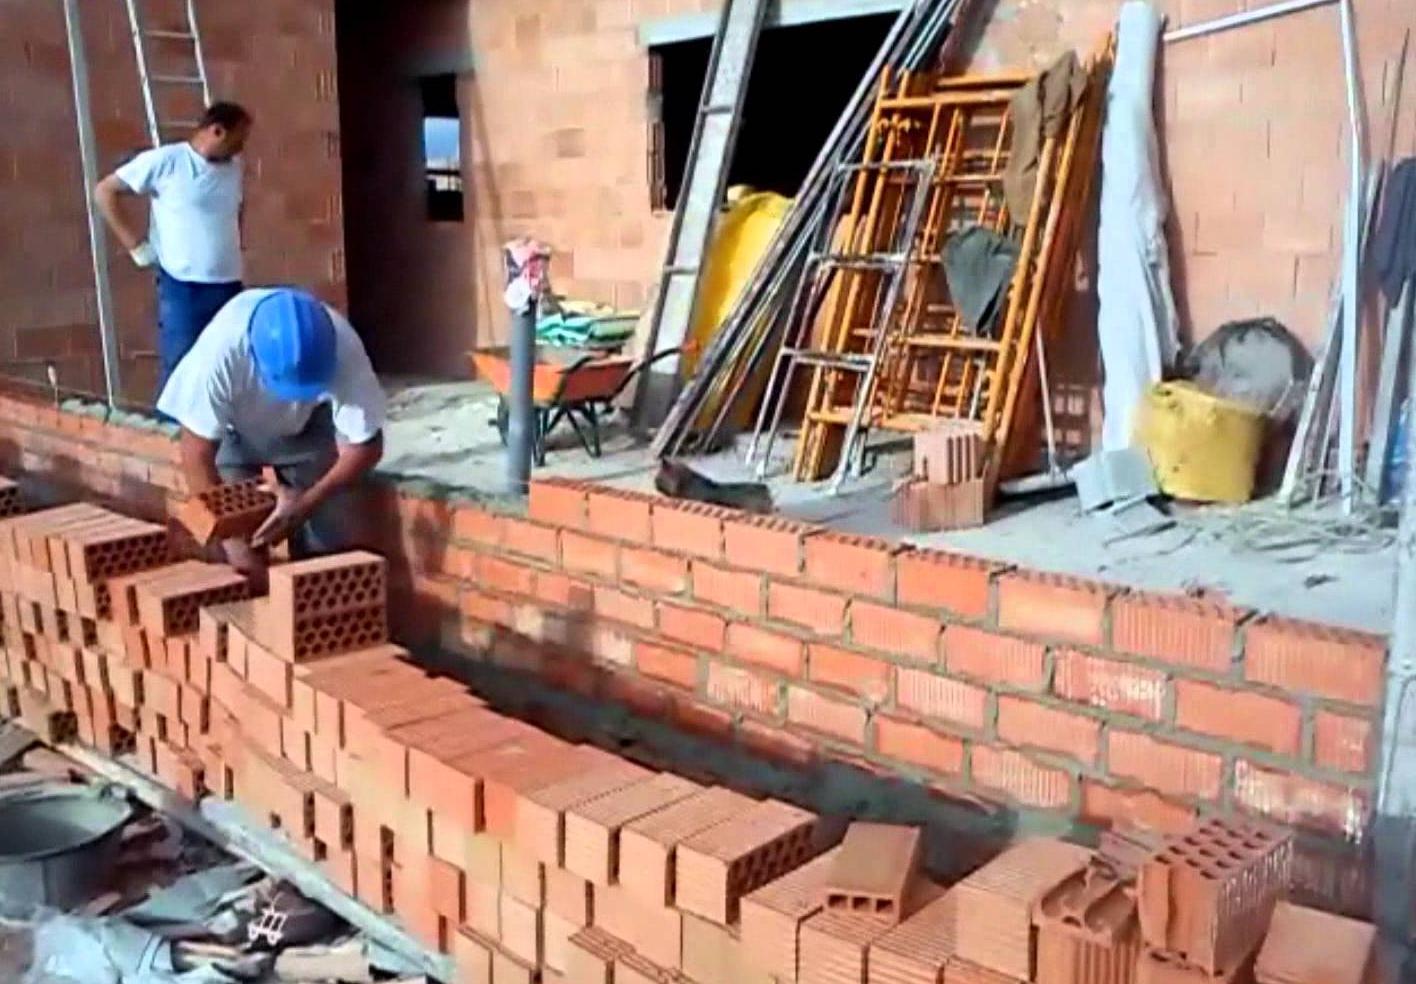 El maestro de obras xavier valderas construir un muro de ladrillos - Clases de ladrillos ...